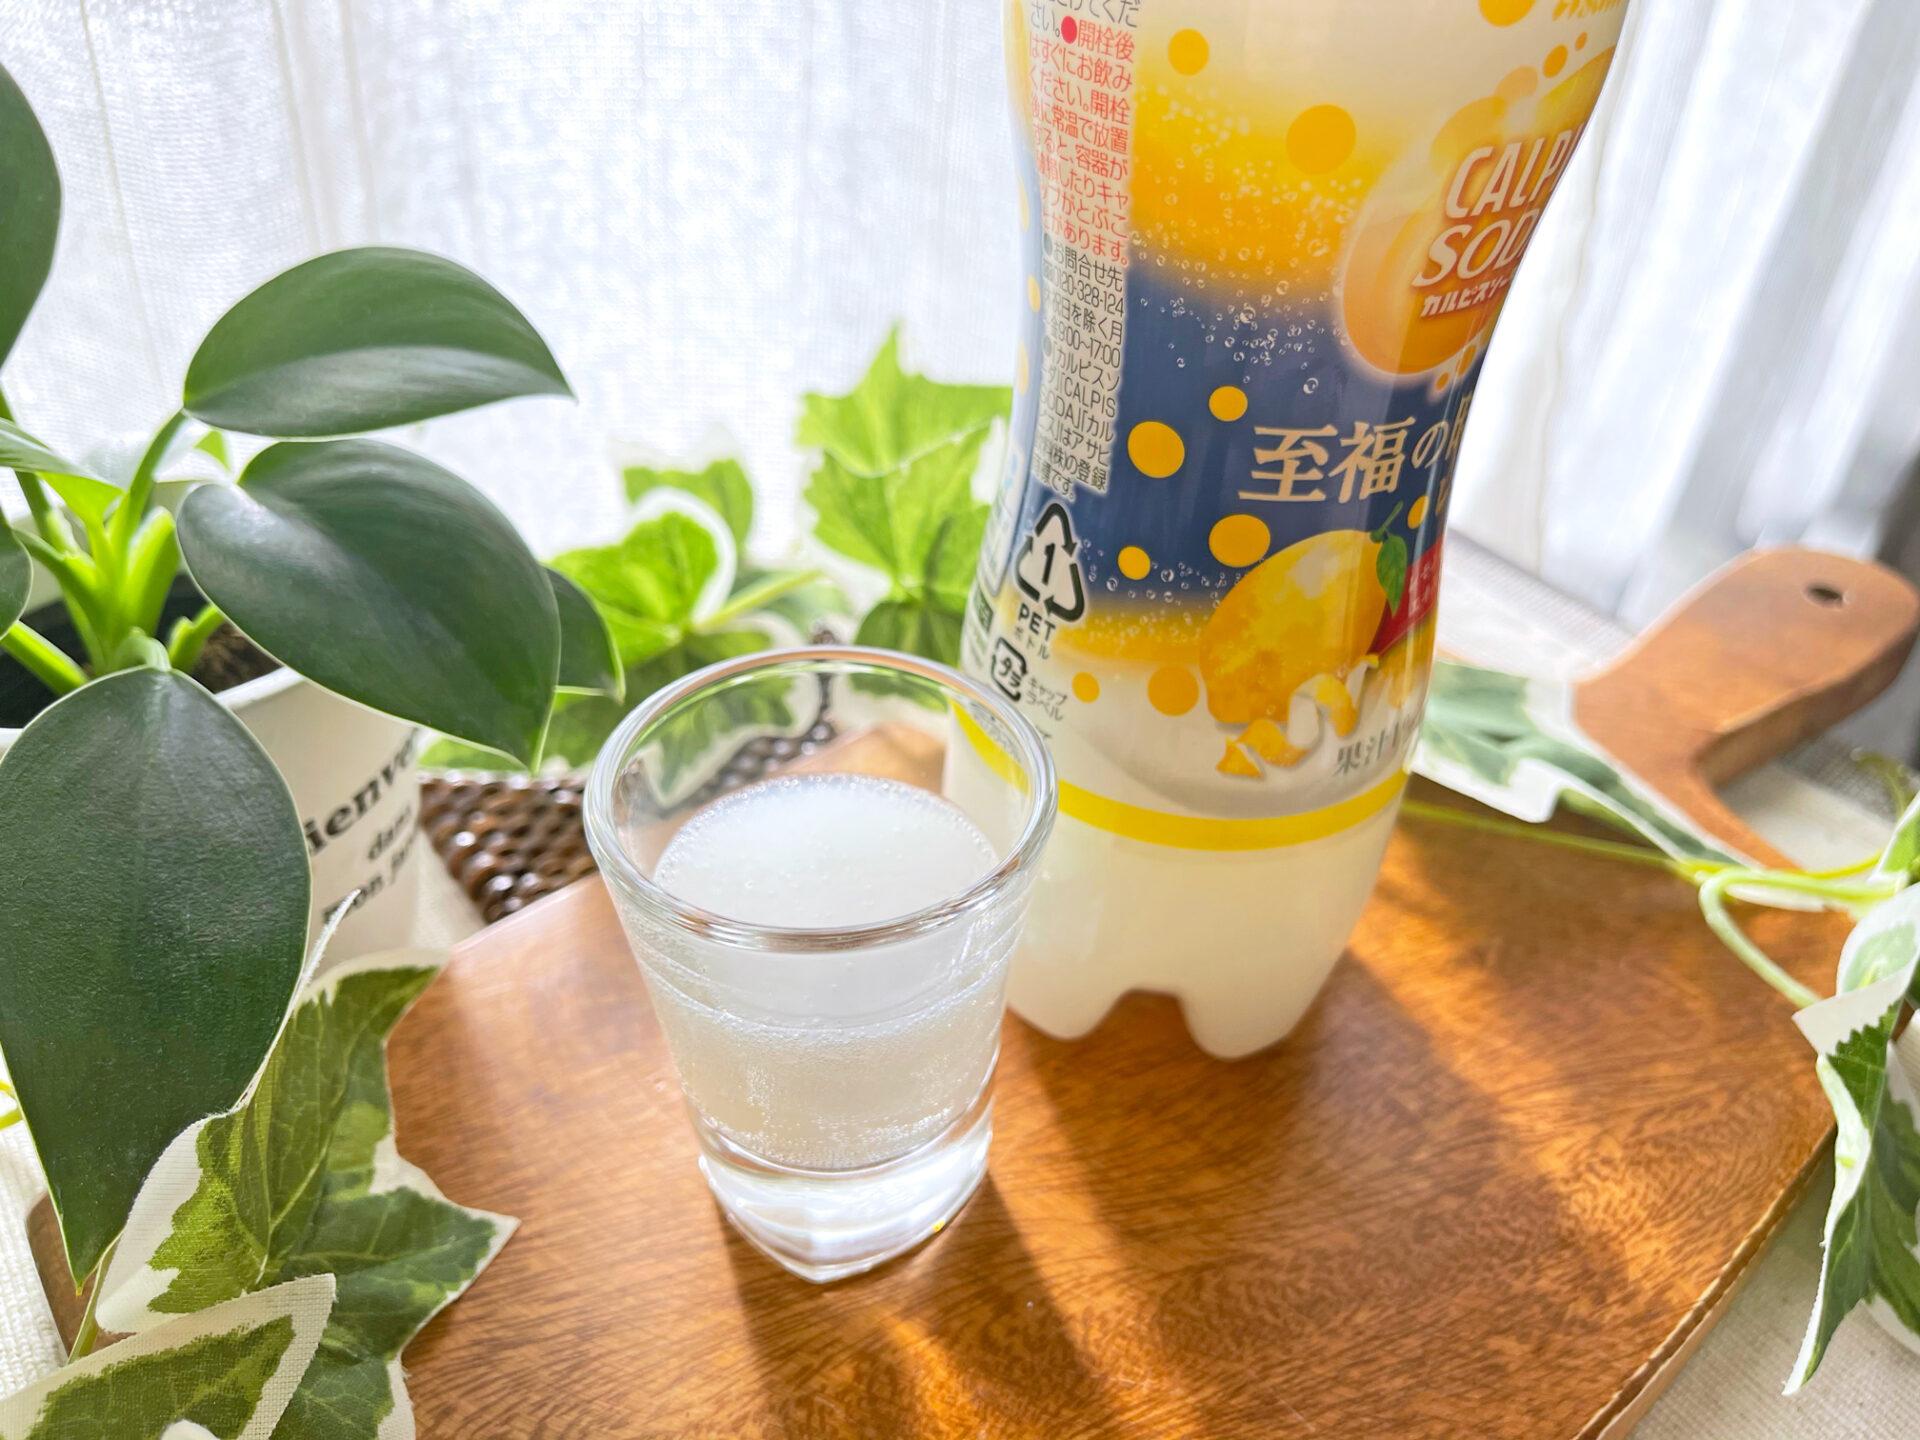 アサヒ飲料『「カルピスソーダ」至福の時間レモン PET500ml』